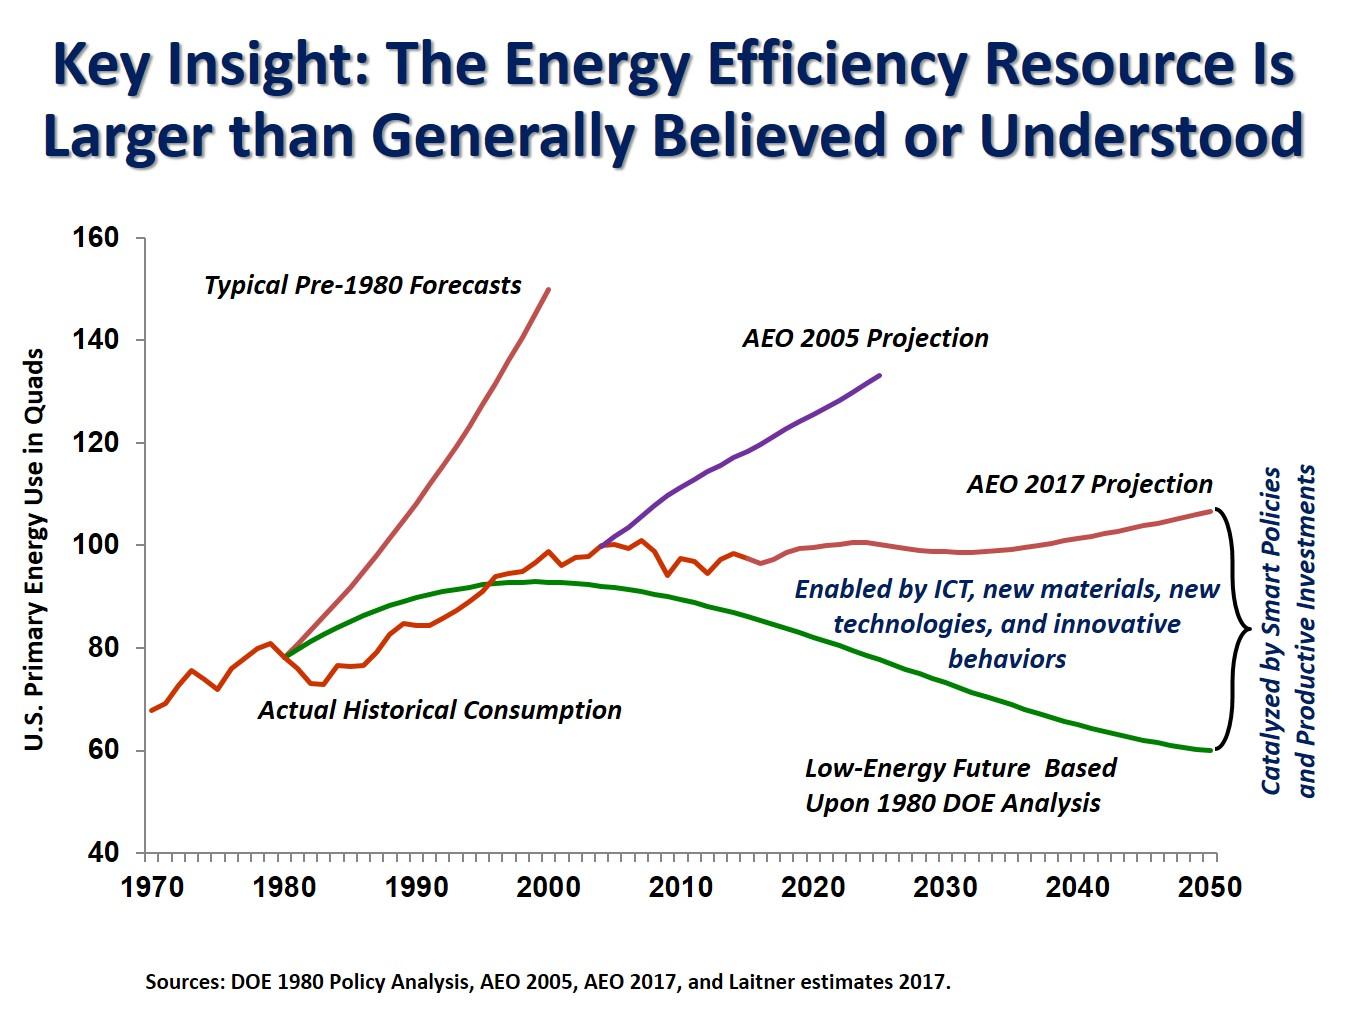 Energy_Efficiency_a_Bigger_Resource_May_2017.jpg